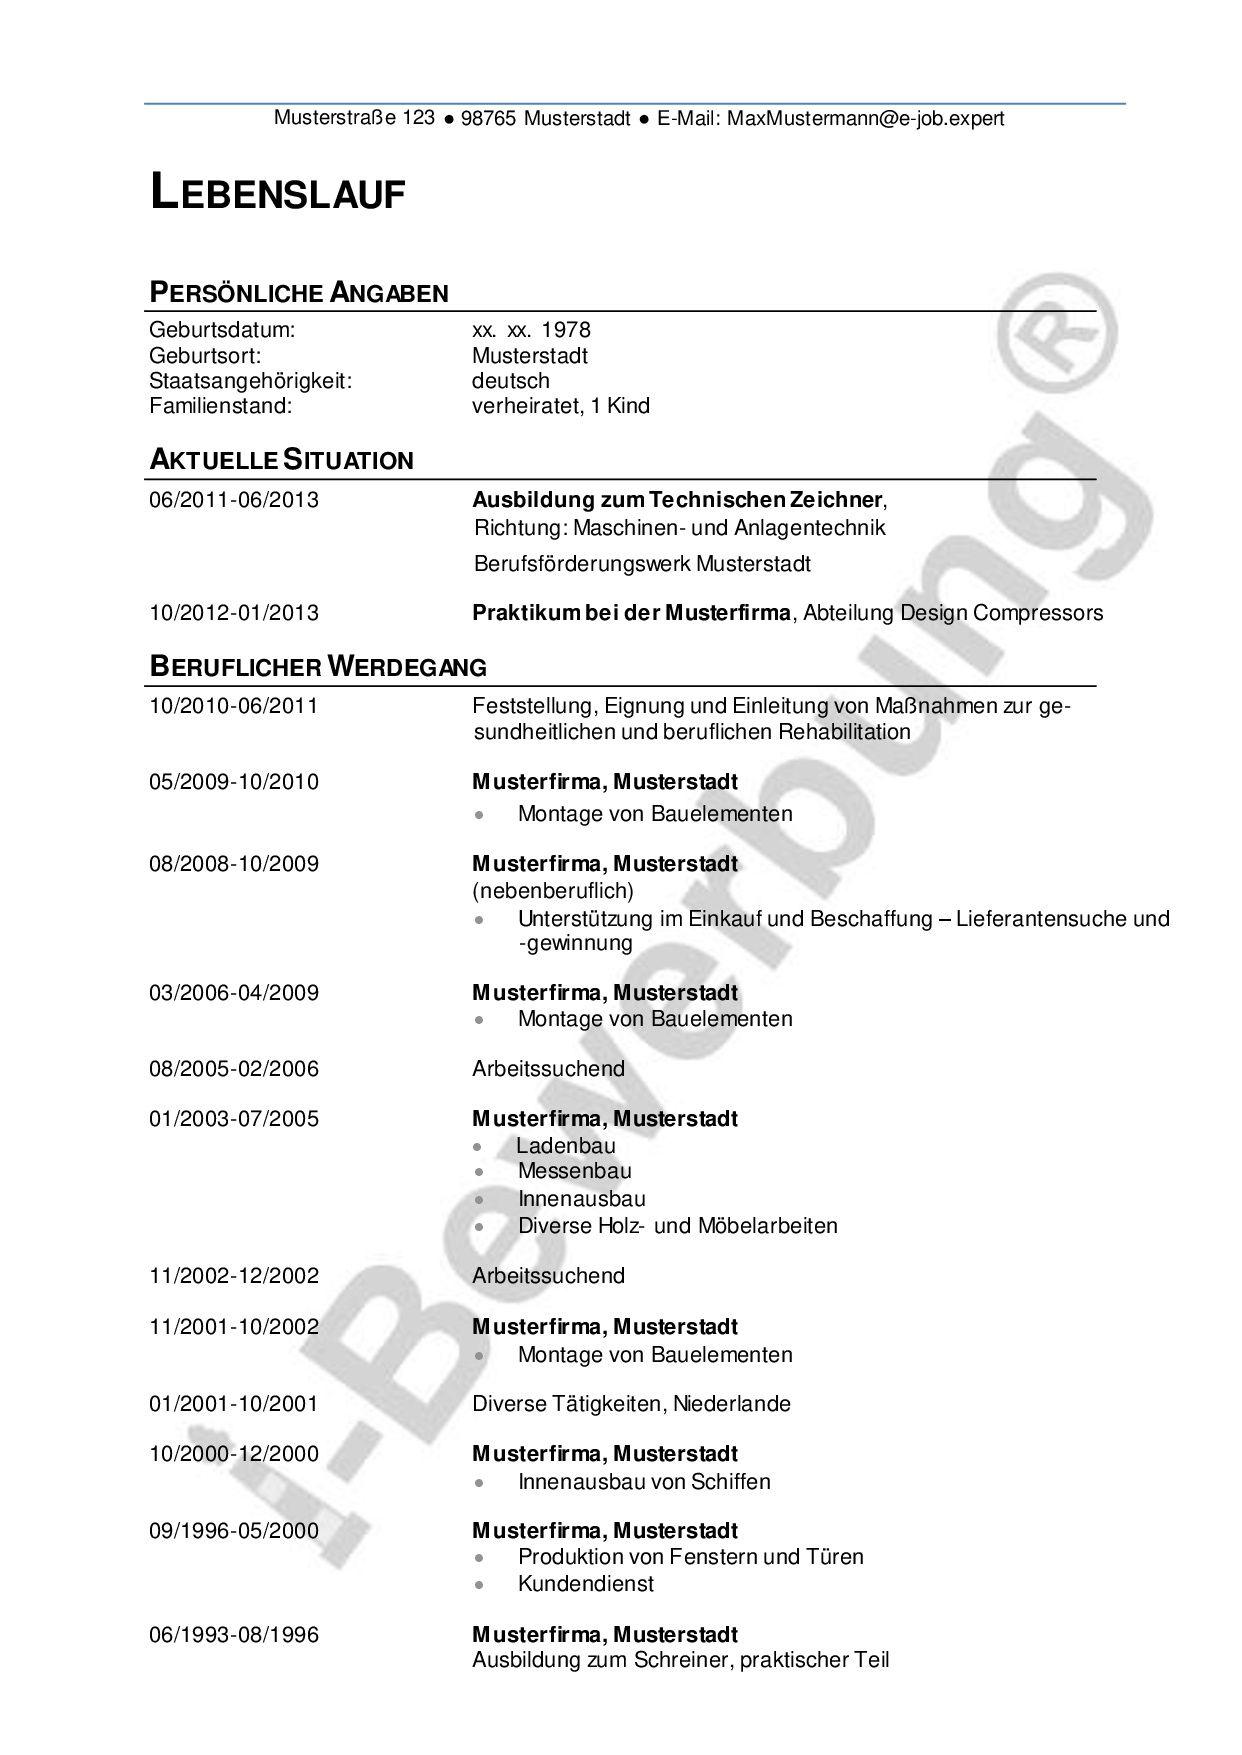 Gemütlich Beispiel Ratgeber Lebenslauf Fotos - Entry Level Resume ...